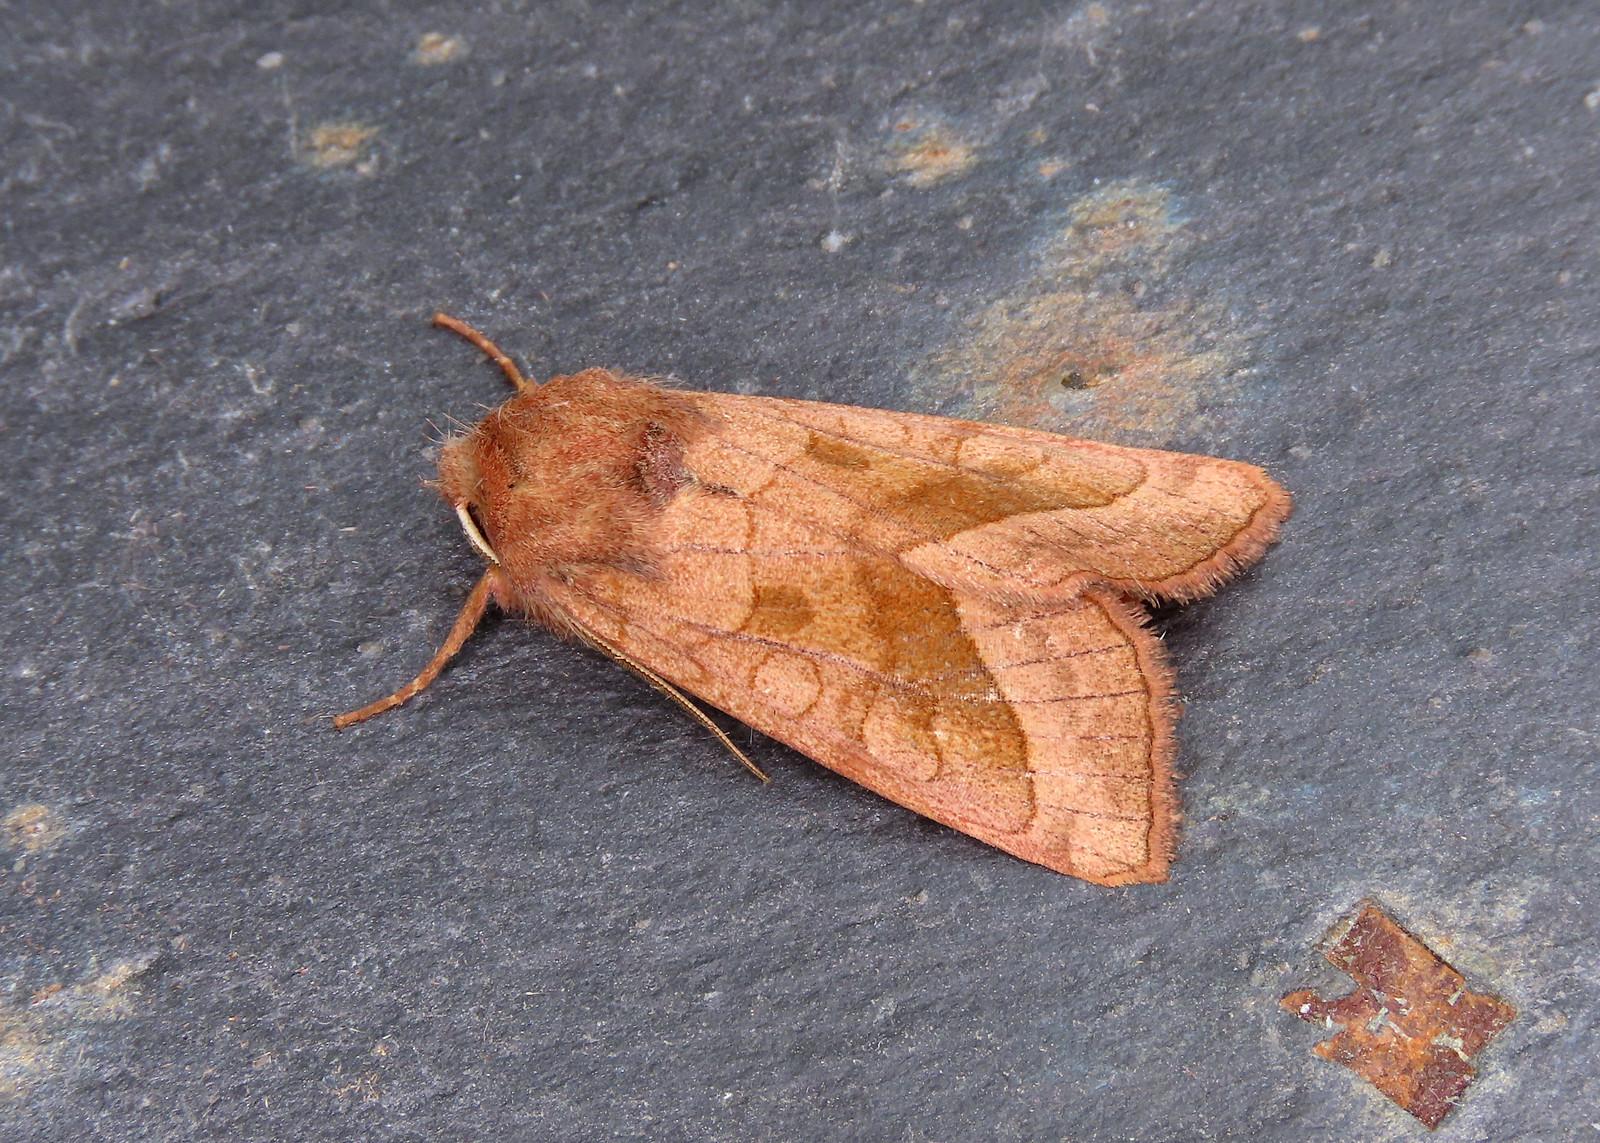 73.123 Rosy Rustic - Hydraecia micacea